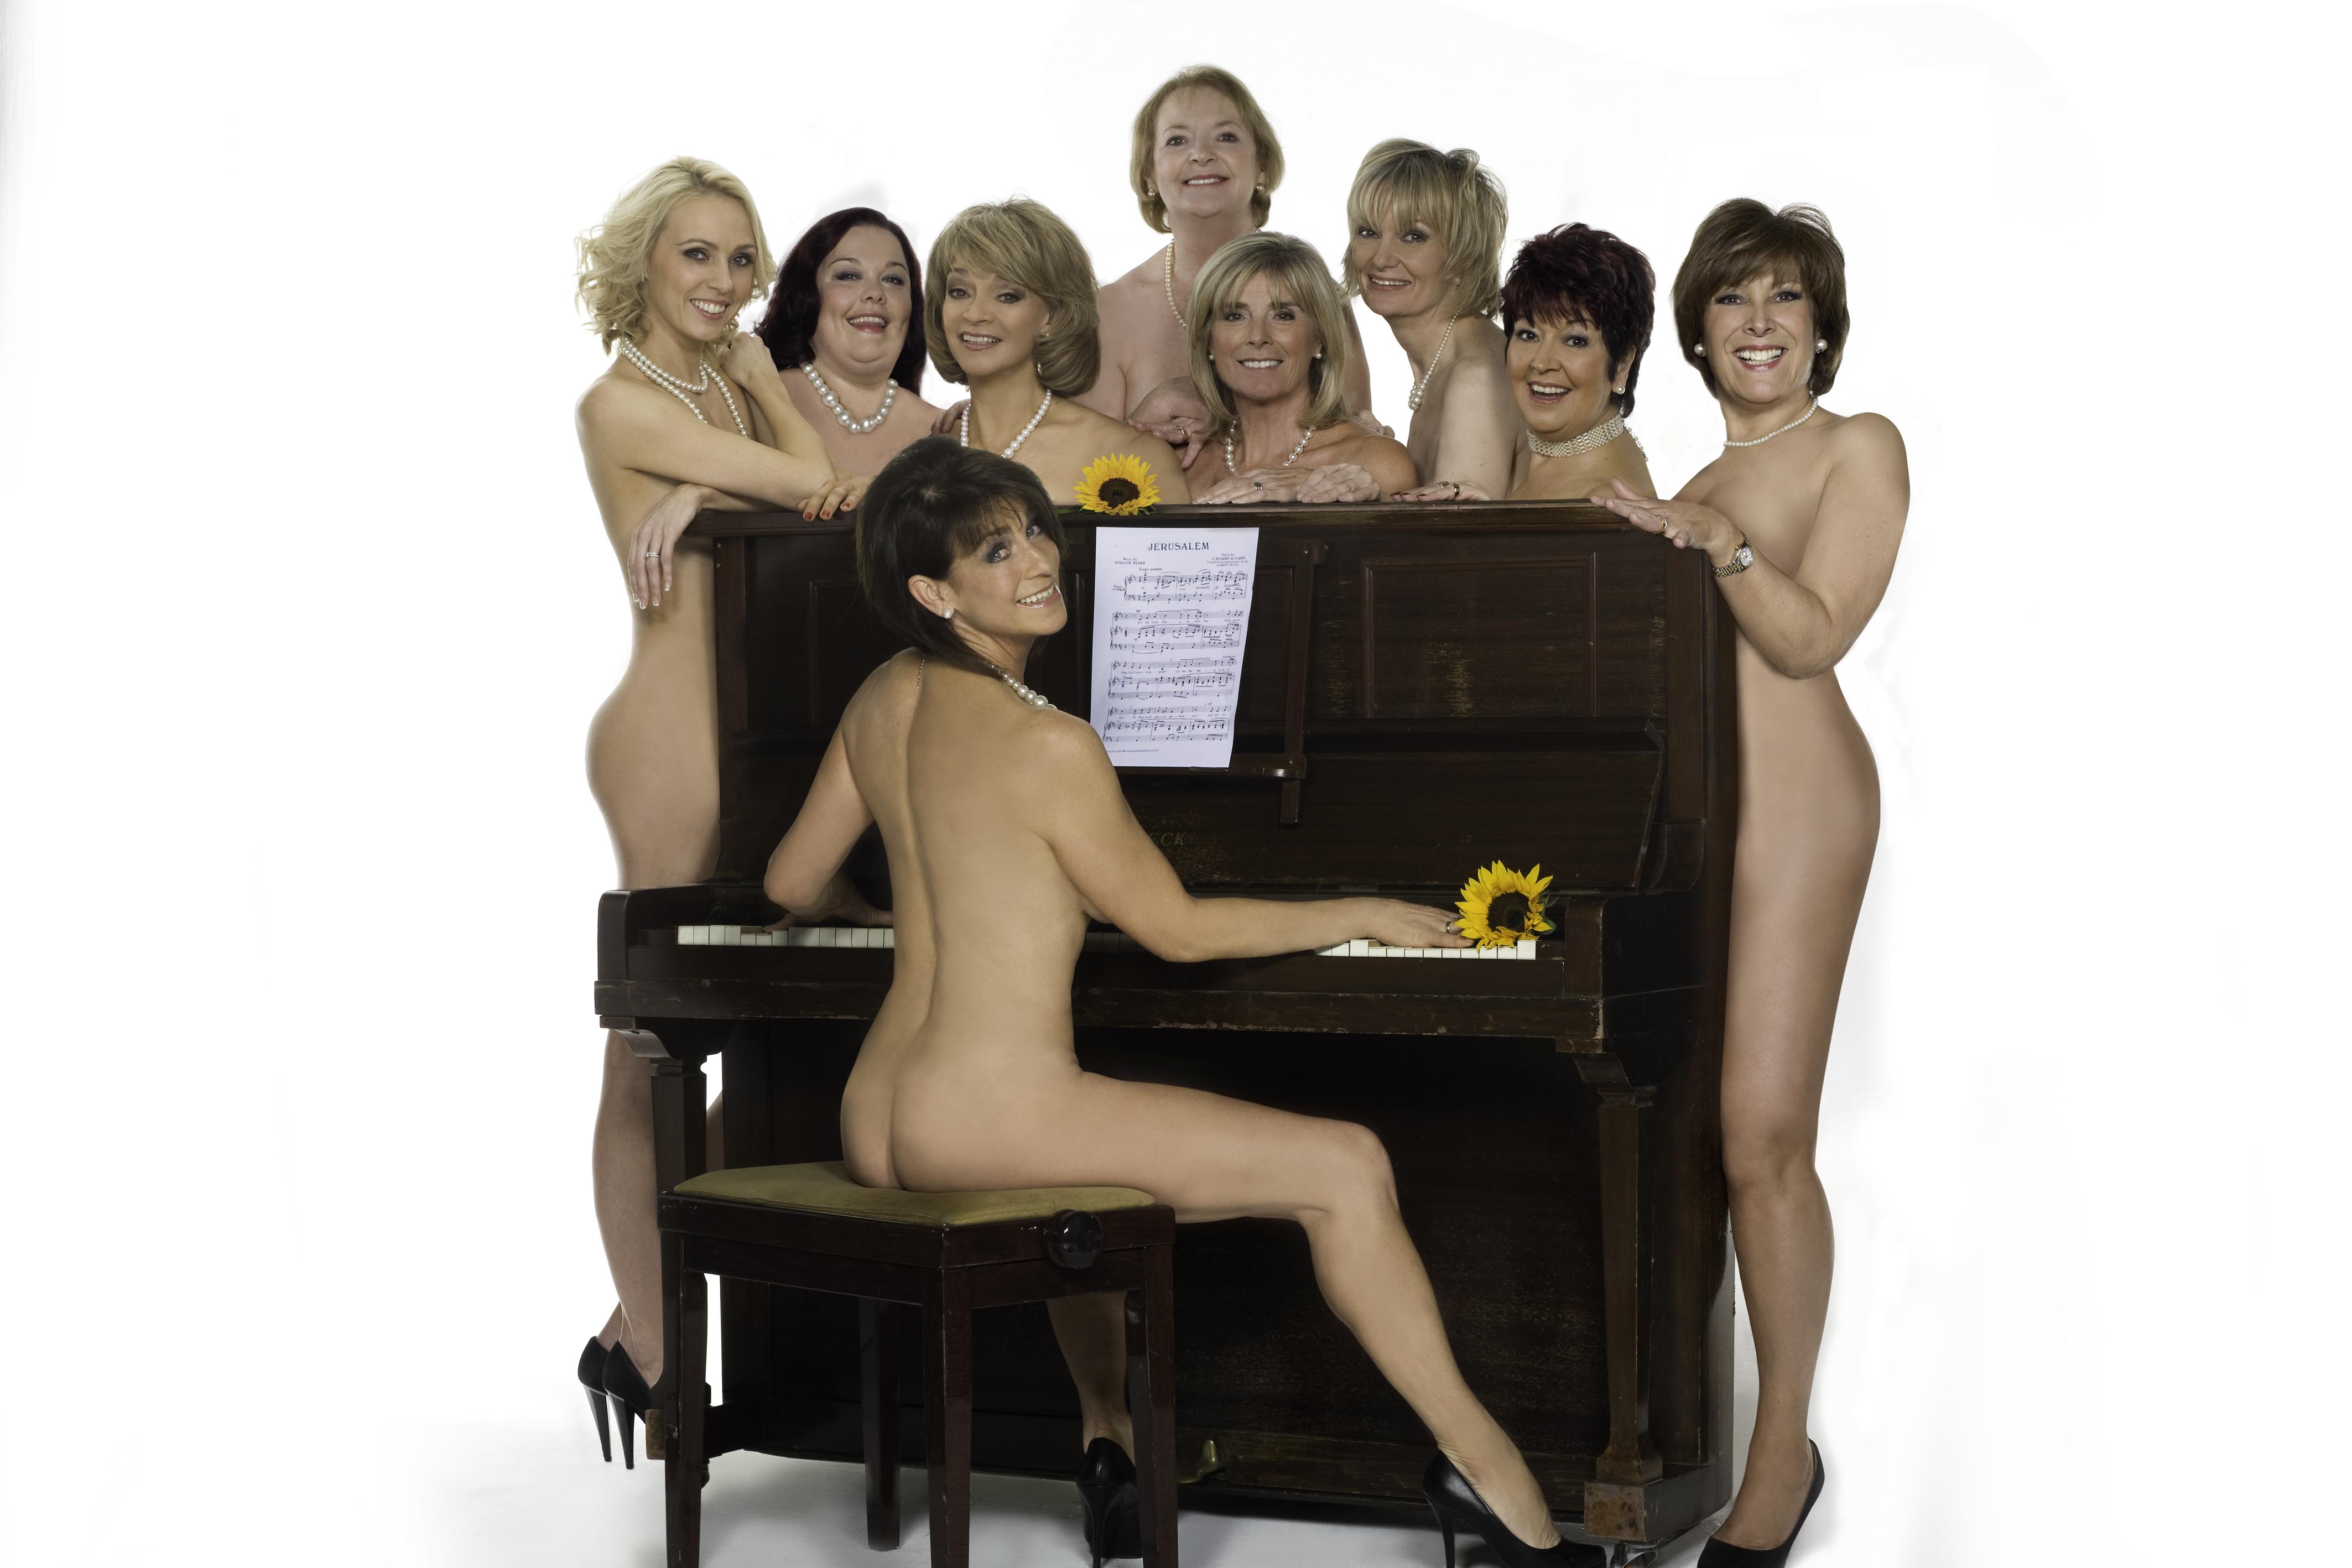 Nude calendar girls old